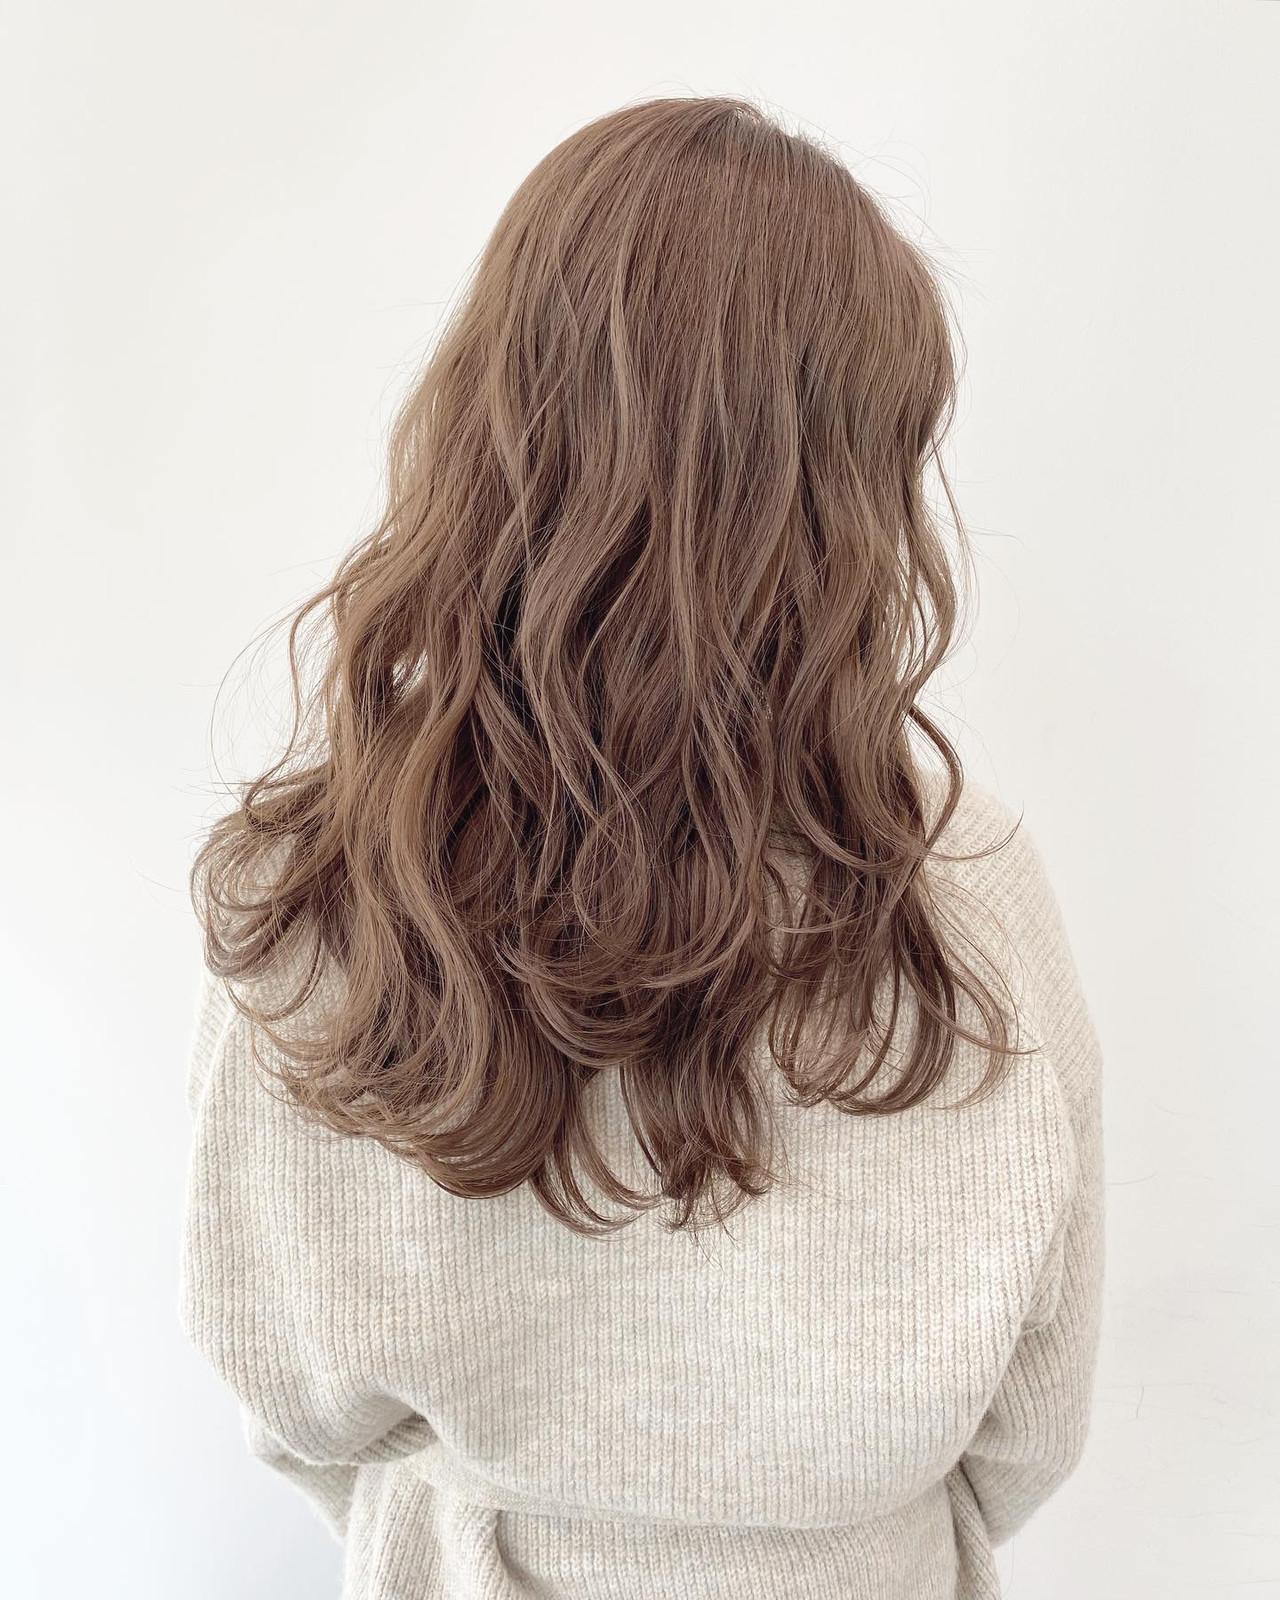 ダブルカラー ミルクティーベージュ ナチュラル ベージュヘアスタイルや髪型の写真・画像